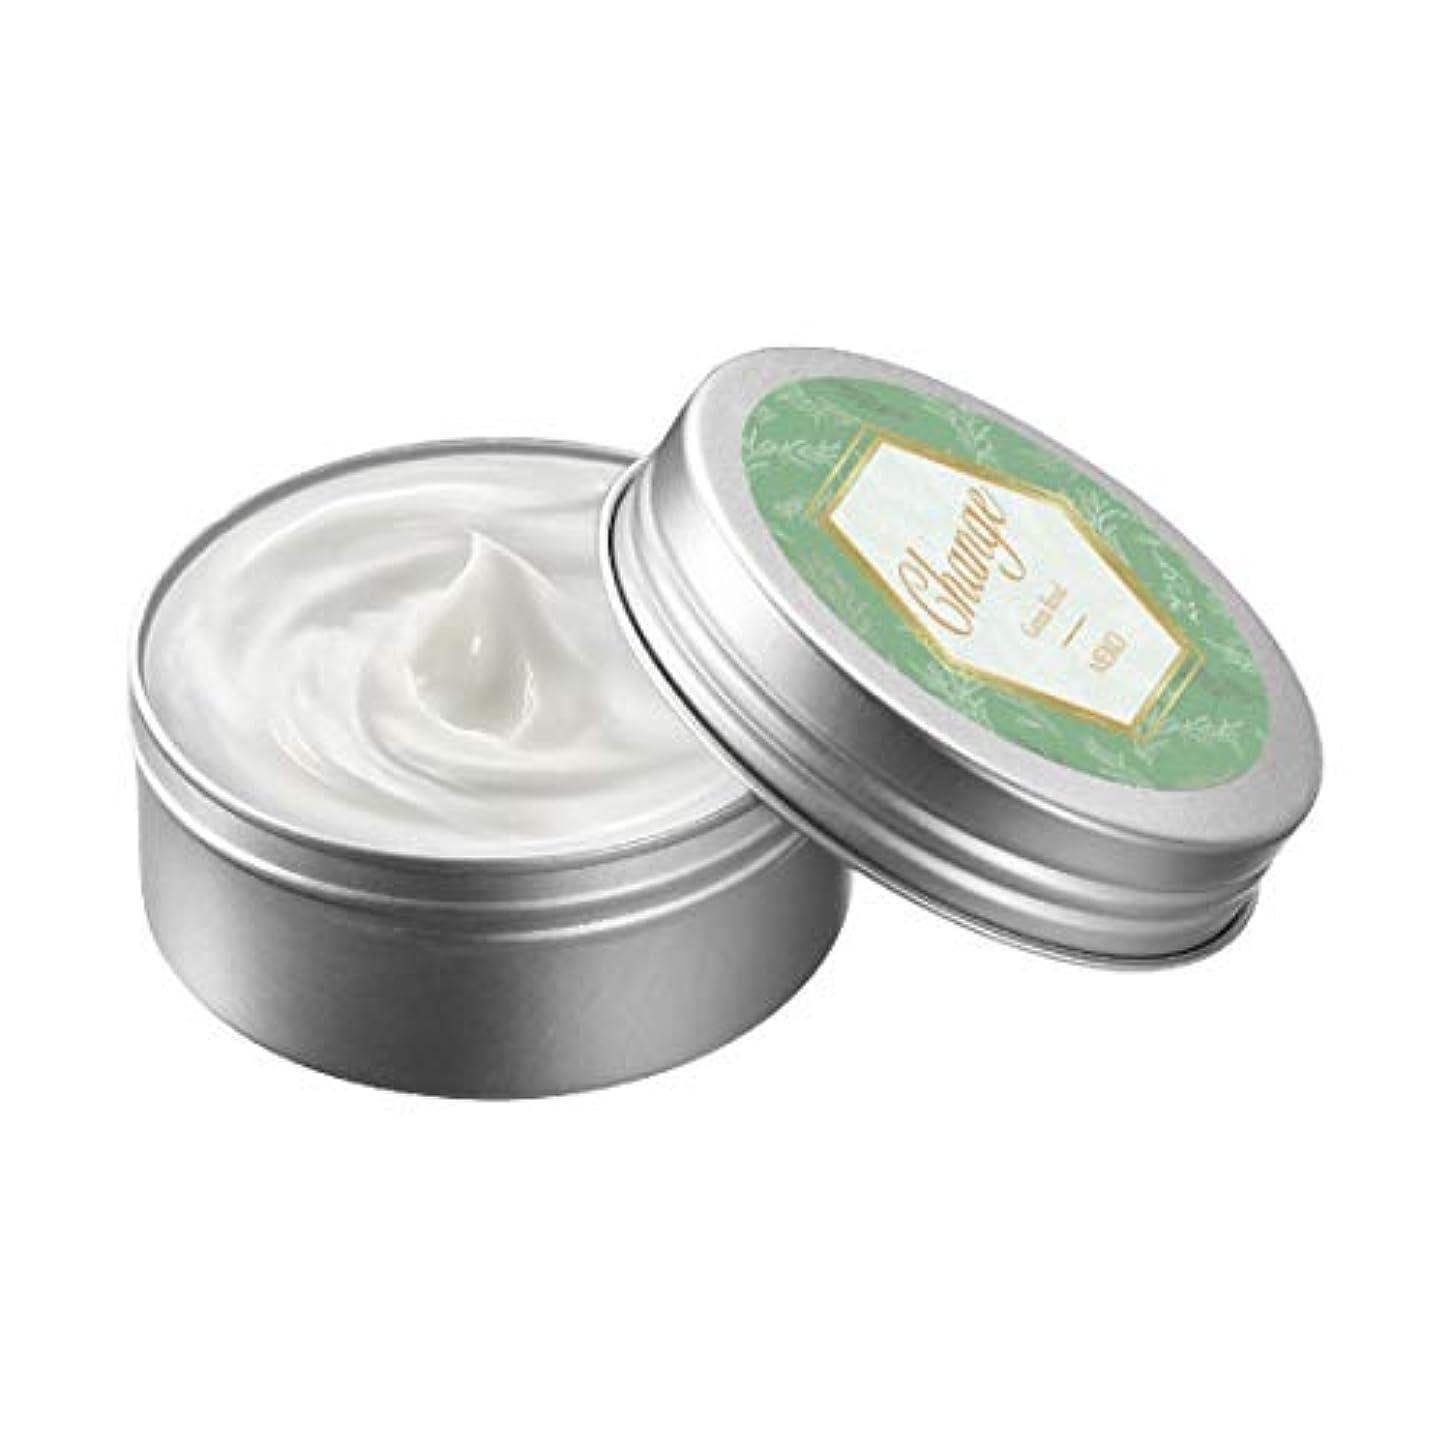 羊のドックコカインボディクリーム グリーンフローラルの香り 60g ( 全身 クリーム 顔 保湿 スキンケア ハンドケア 全身クリーム )【 メイコー メイコー化粧品 】